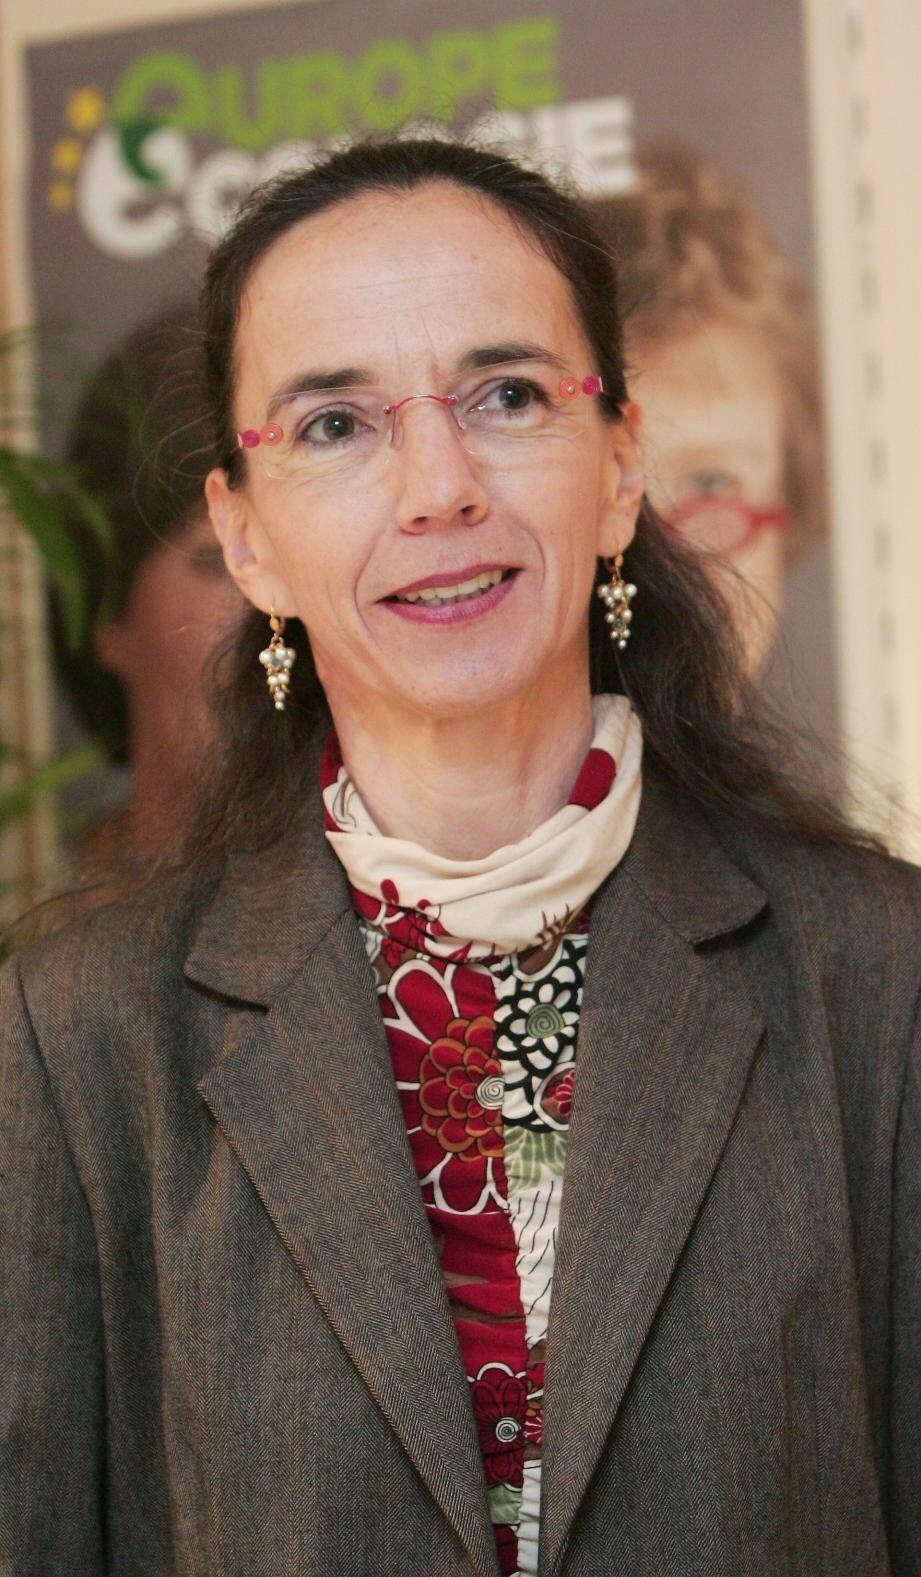 Juliette Chesnel-Le Roux, conseillère municipale verte niçoise, qui avait été élue sur une liste commune PS - EE-LV en 2014.